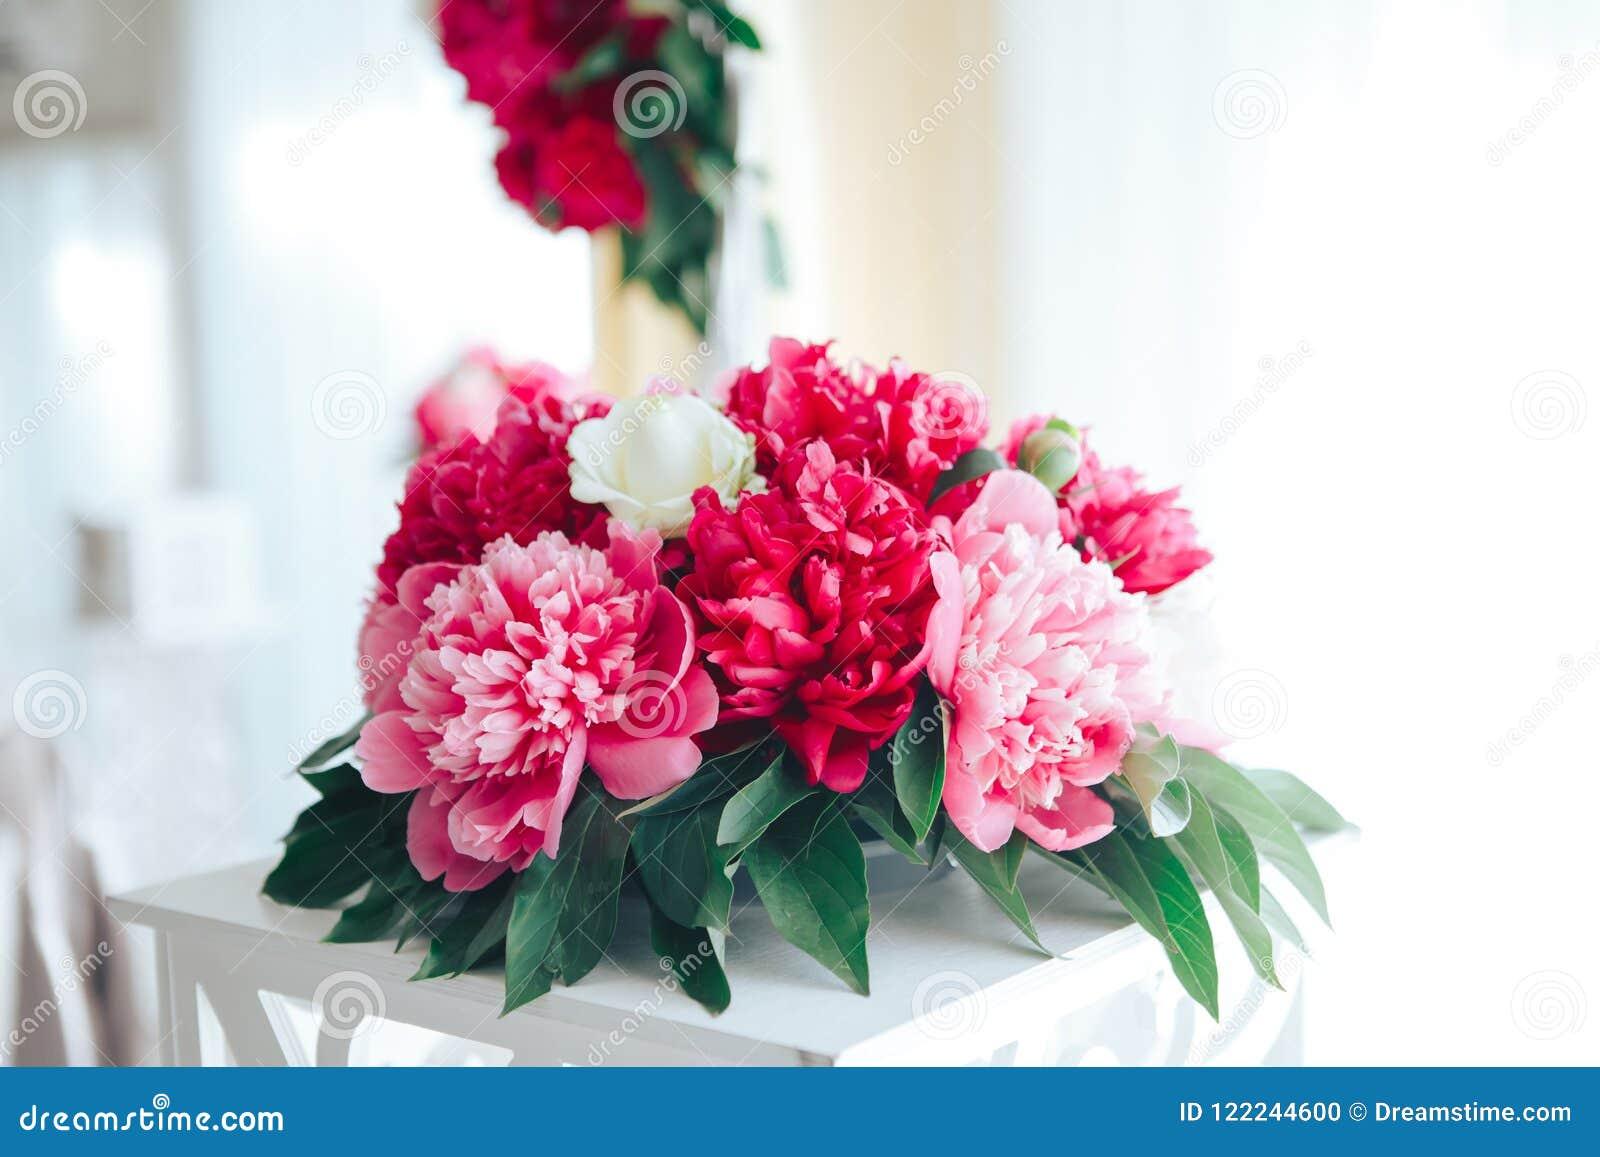 牡丹在餐馆,桌设置放逐 背景钮扣眼上插的花看板卡装饰装饰邀请婚姻白色的珍珠玫瑰 红色花在餐馆